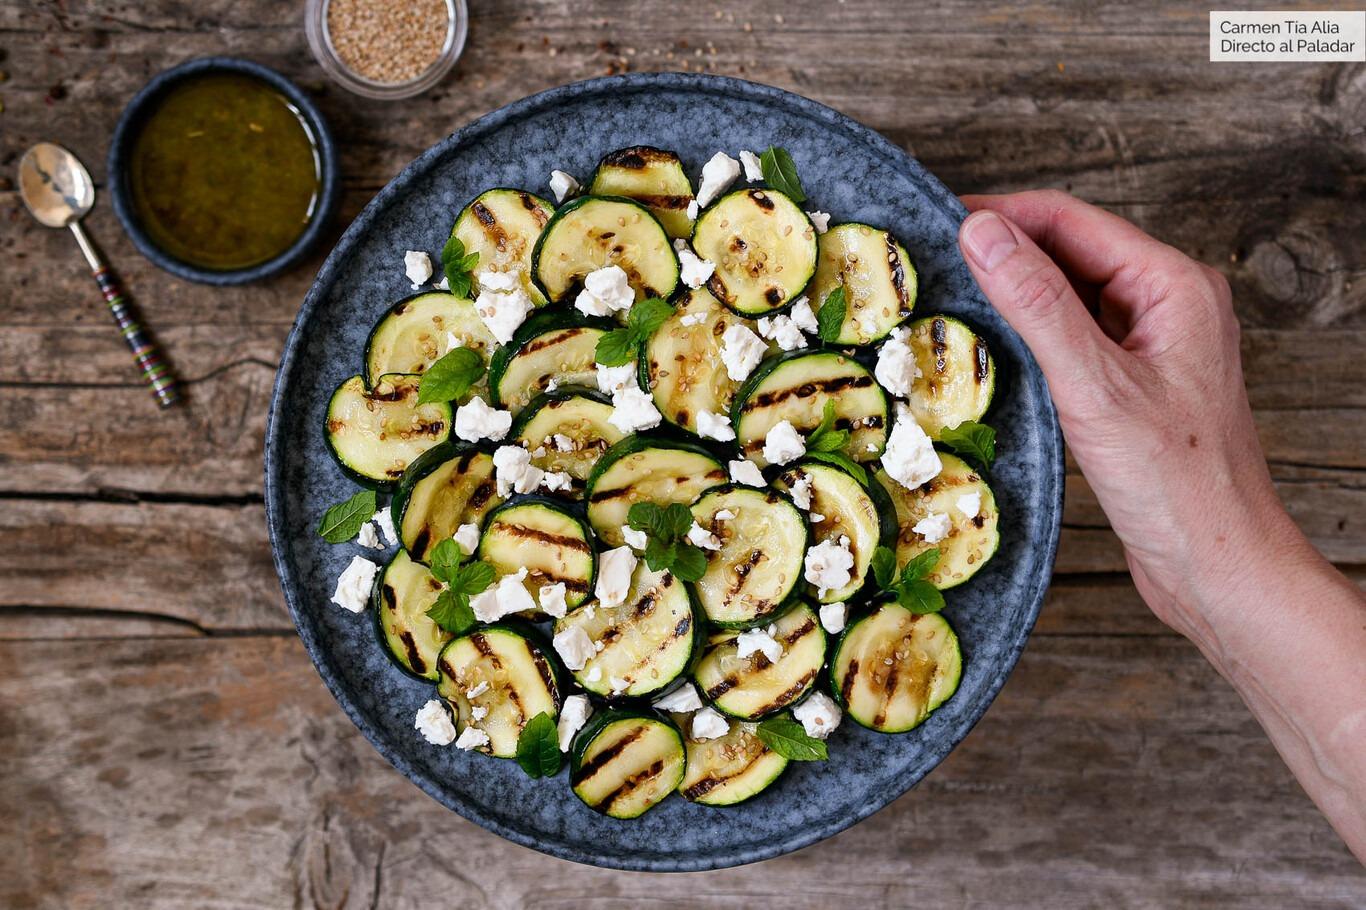 zukinis con queso y menta - La receta del lunes: ensalada de calabacín a la plancha, queso feta y menta,